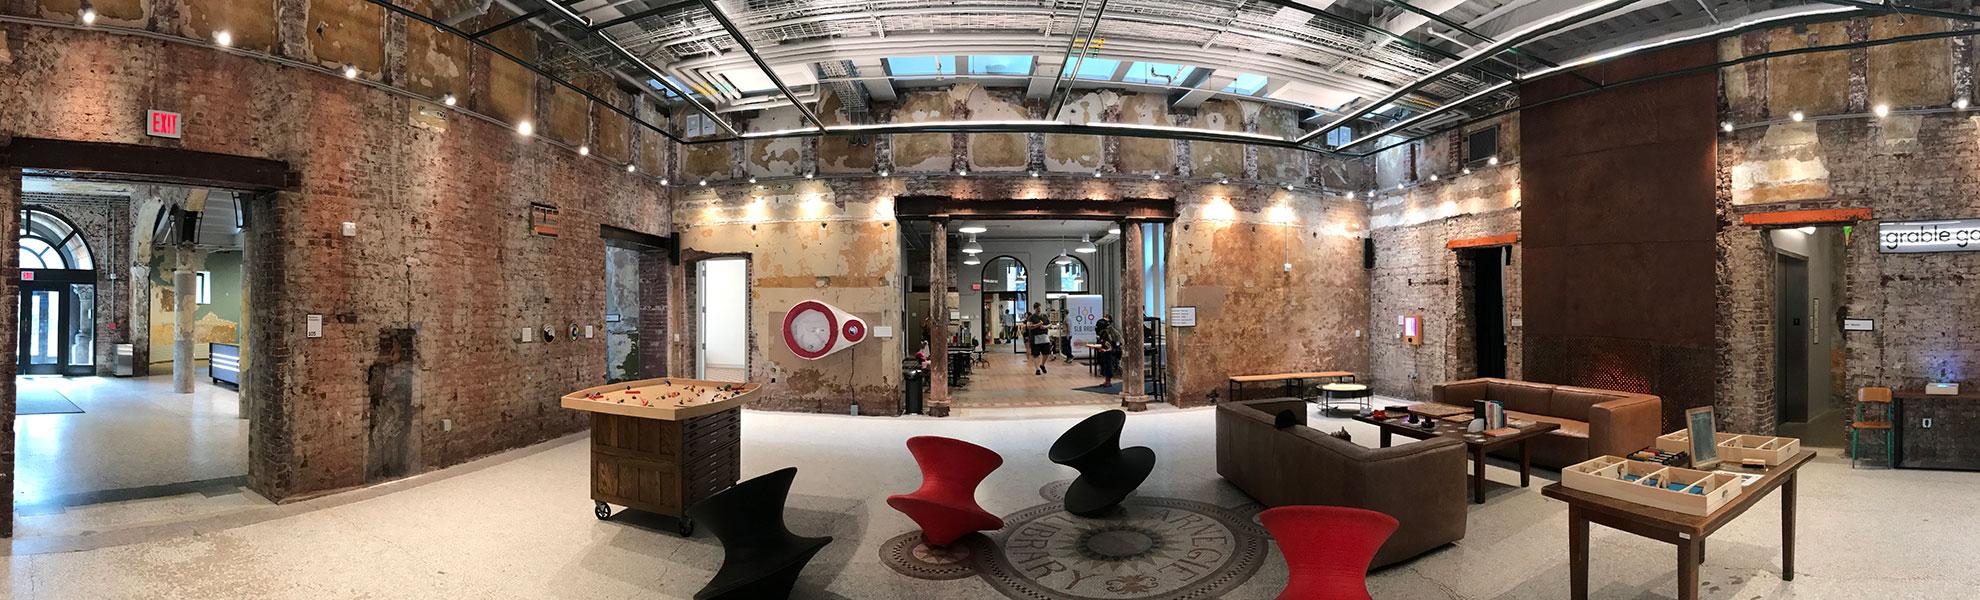 Interior view of Museumlab